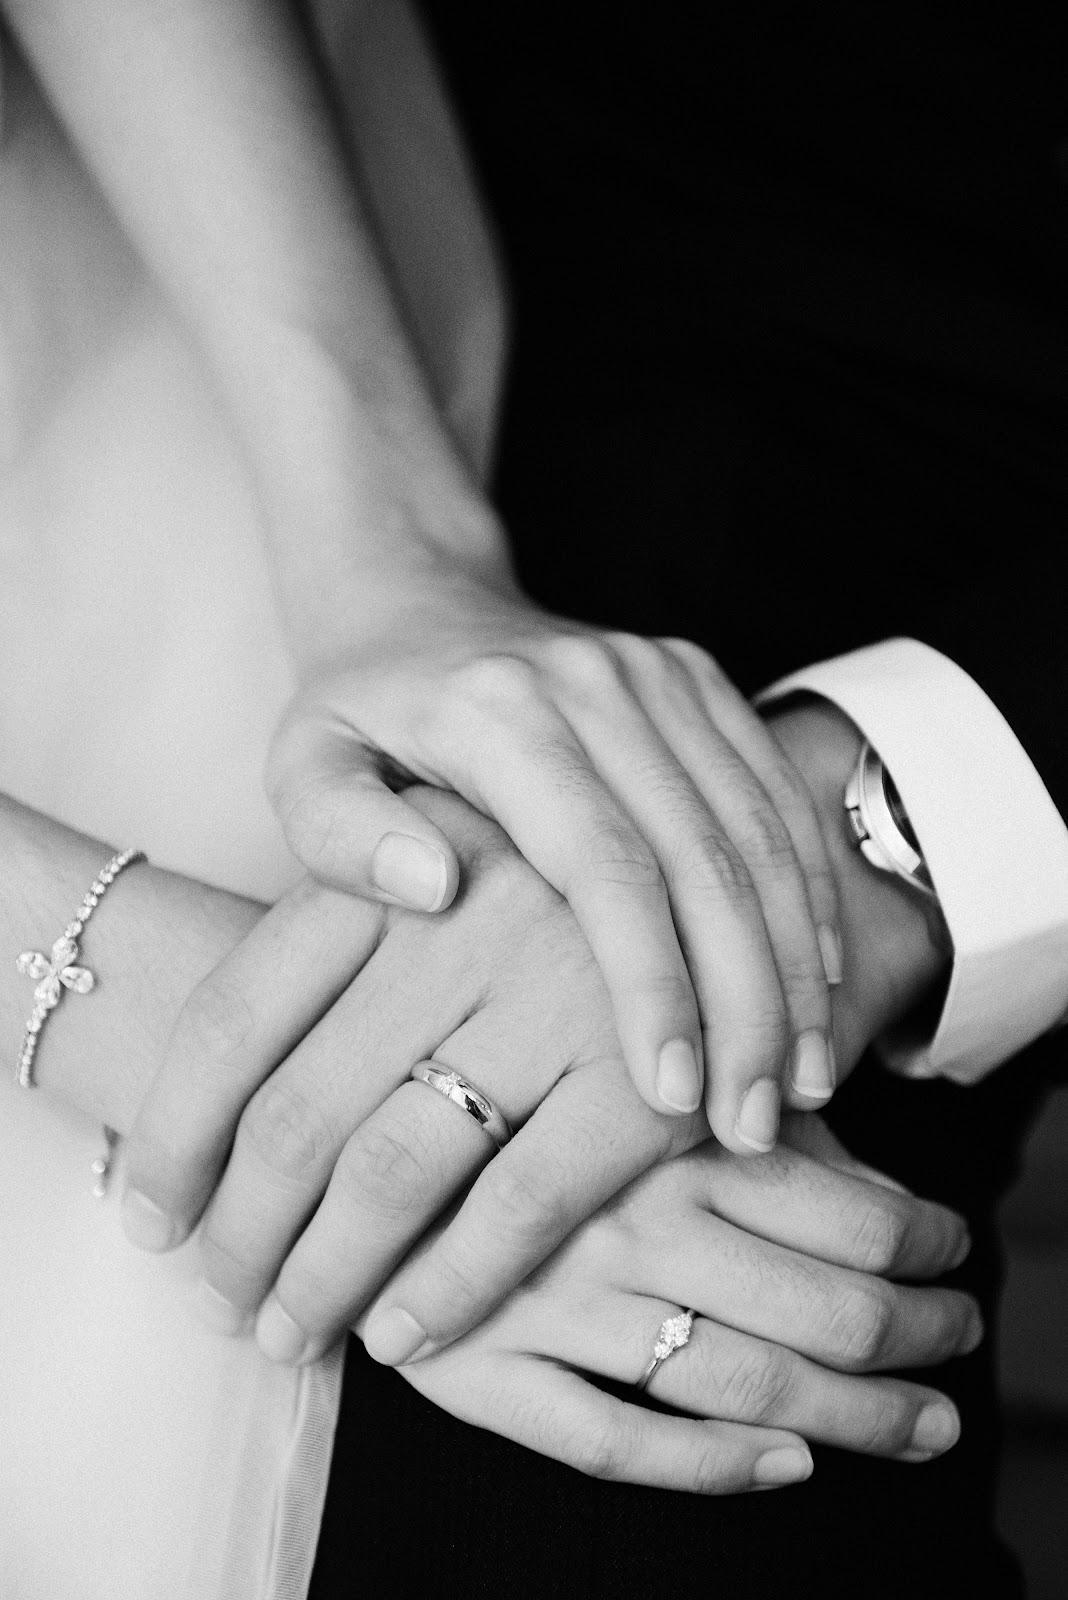 中部婚攝, 台中婚攝, 雅園新潮, 婚宴, 派大楊, 時尚廳, 推薦, Yayuan, PTT, Wedding, getmarry,